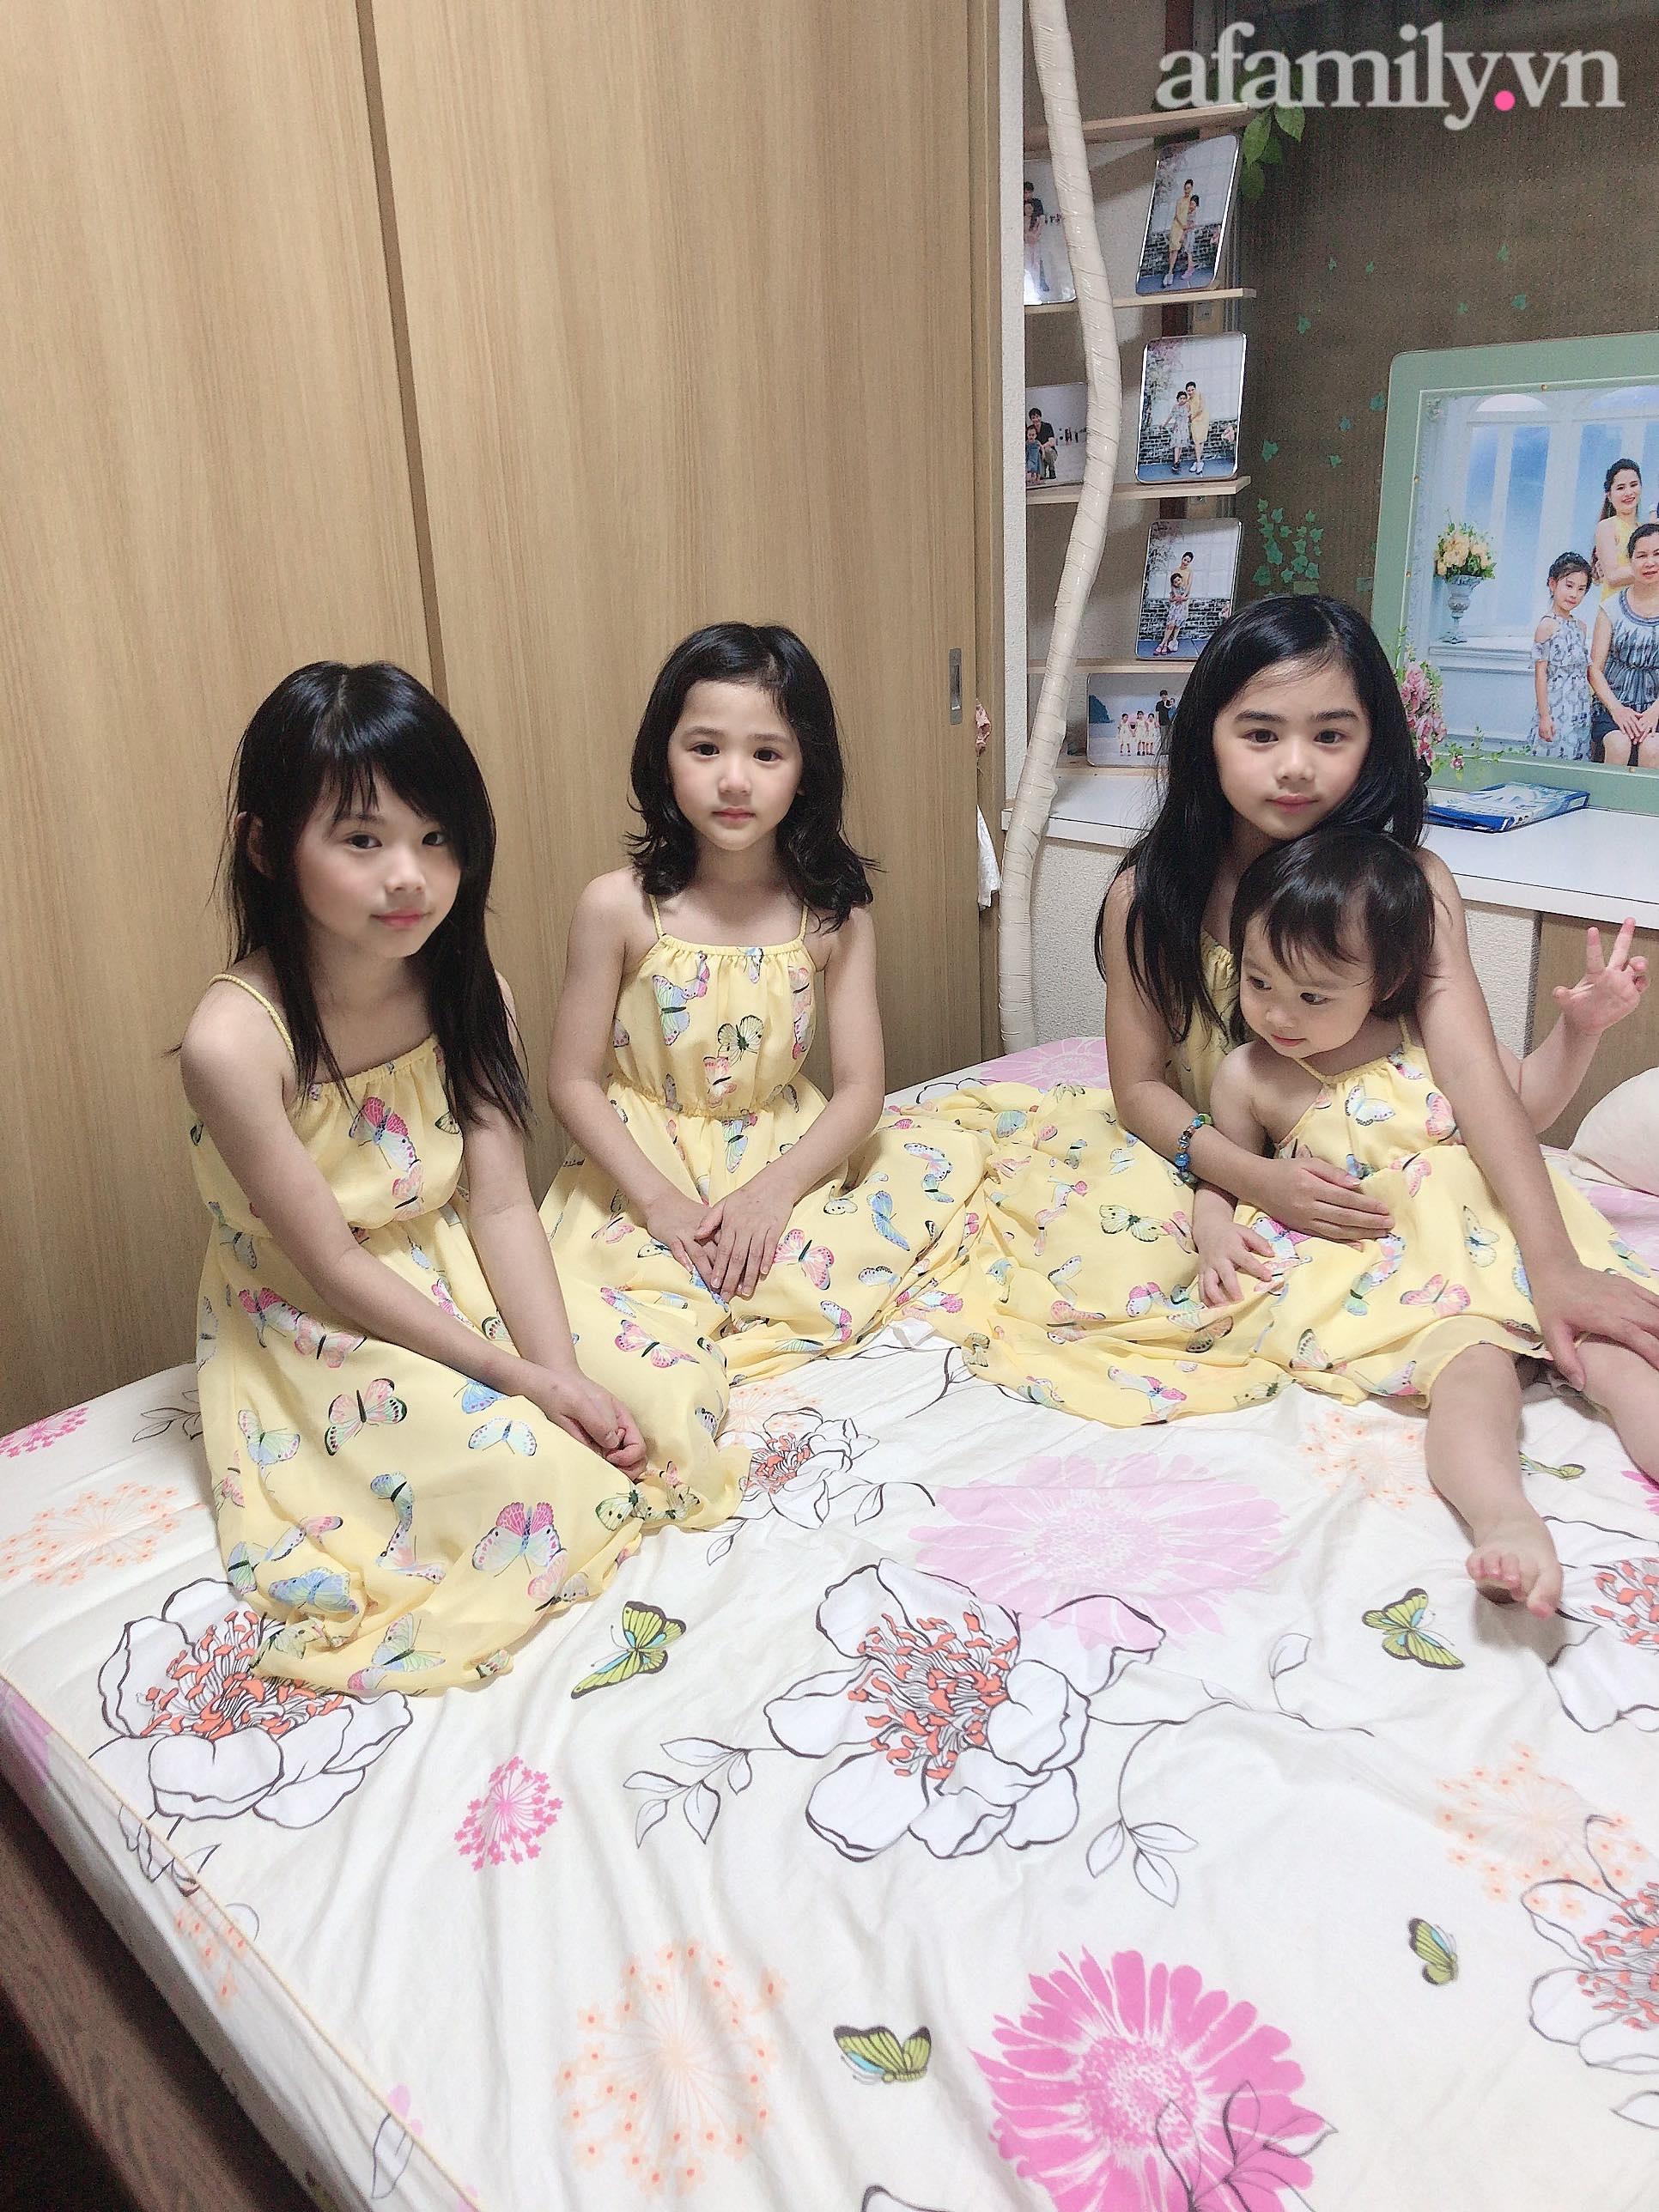 Mẹ Việt 10 năm sinh 4 con gái, nhìn gương mặt của các bé nhiều người tấm tắc: